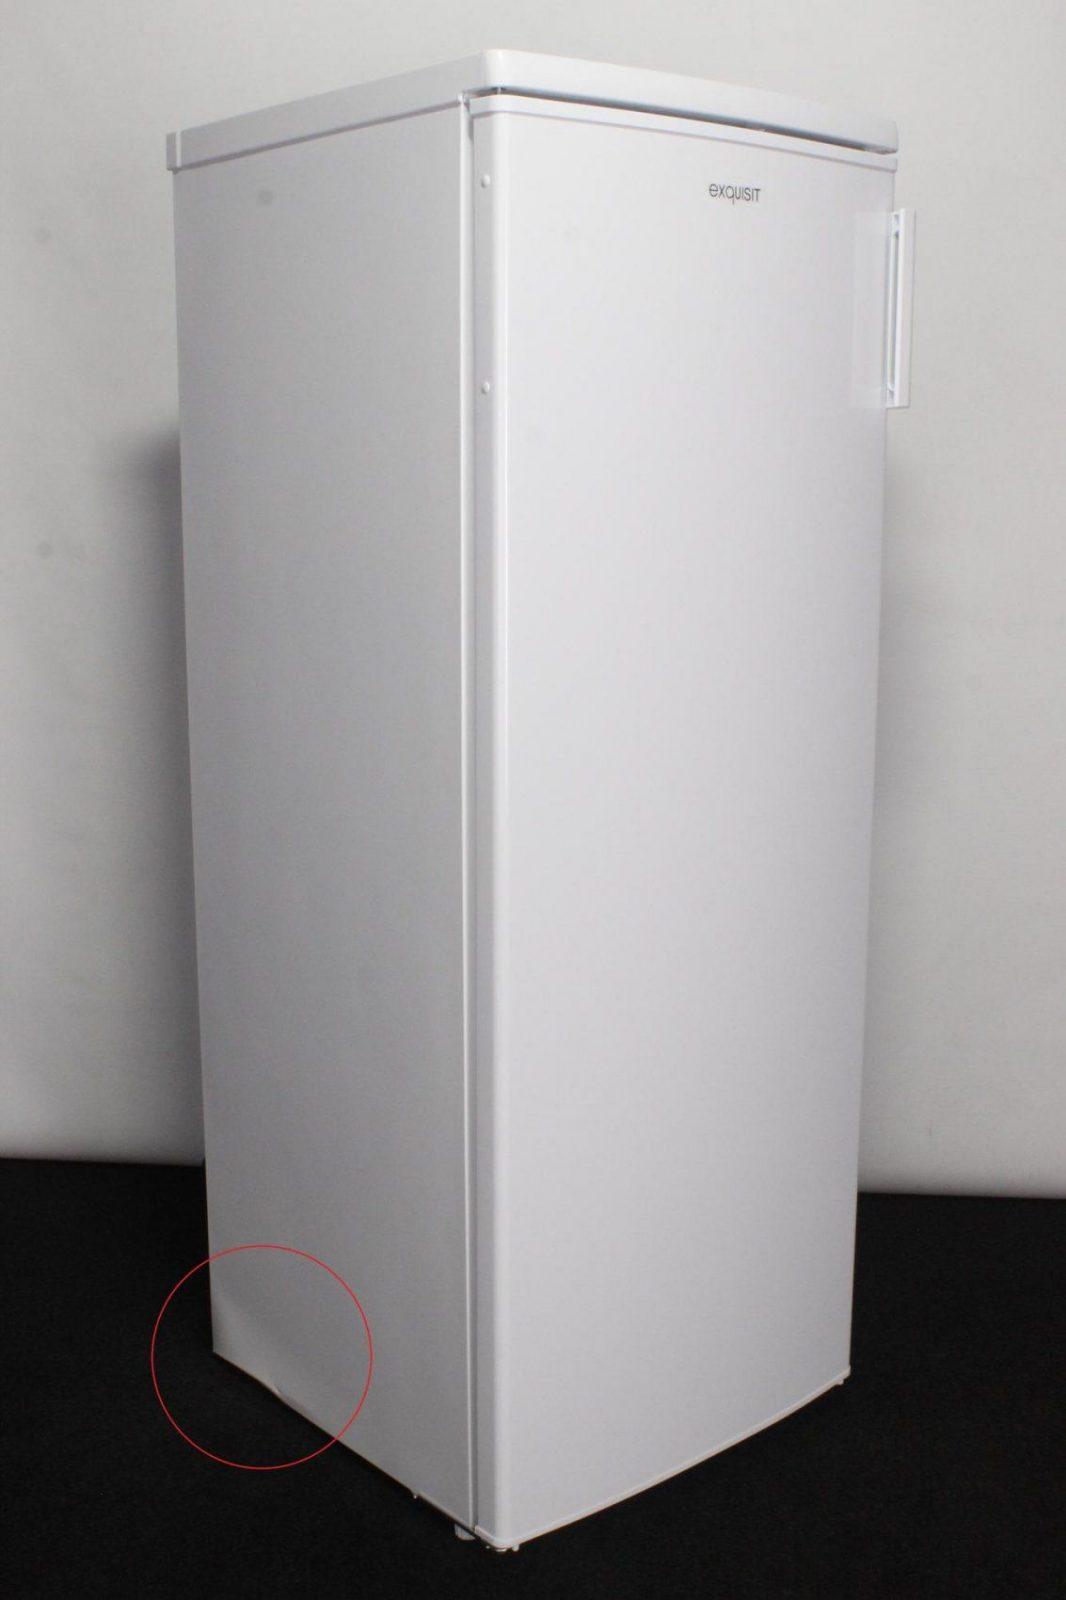 Exquisit Ks 3254 A++ Standkühlschrank 55Cm Breit 240 Liter Abtau von Standkühlschrank 55 Cm Breit Photo